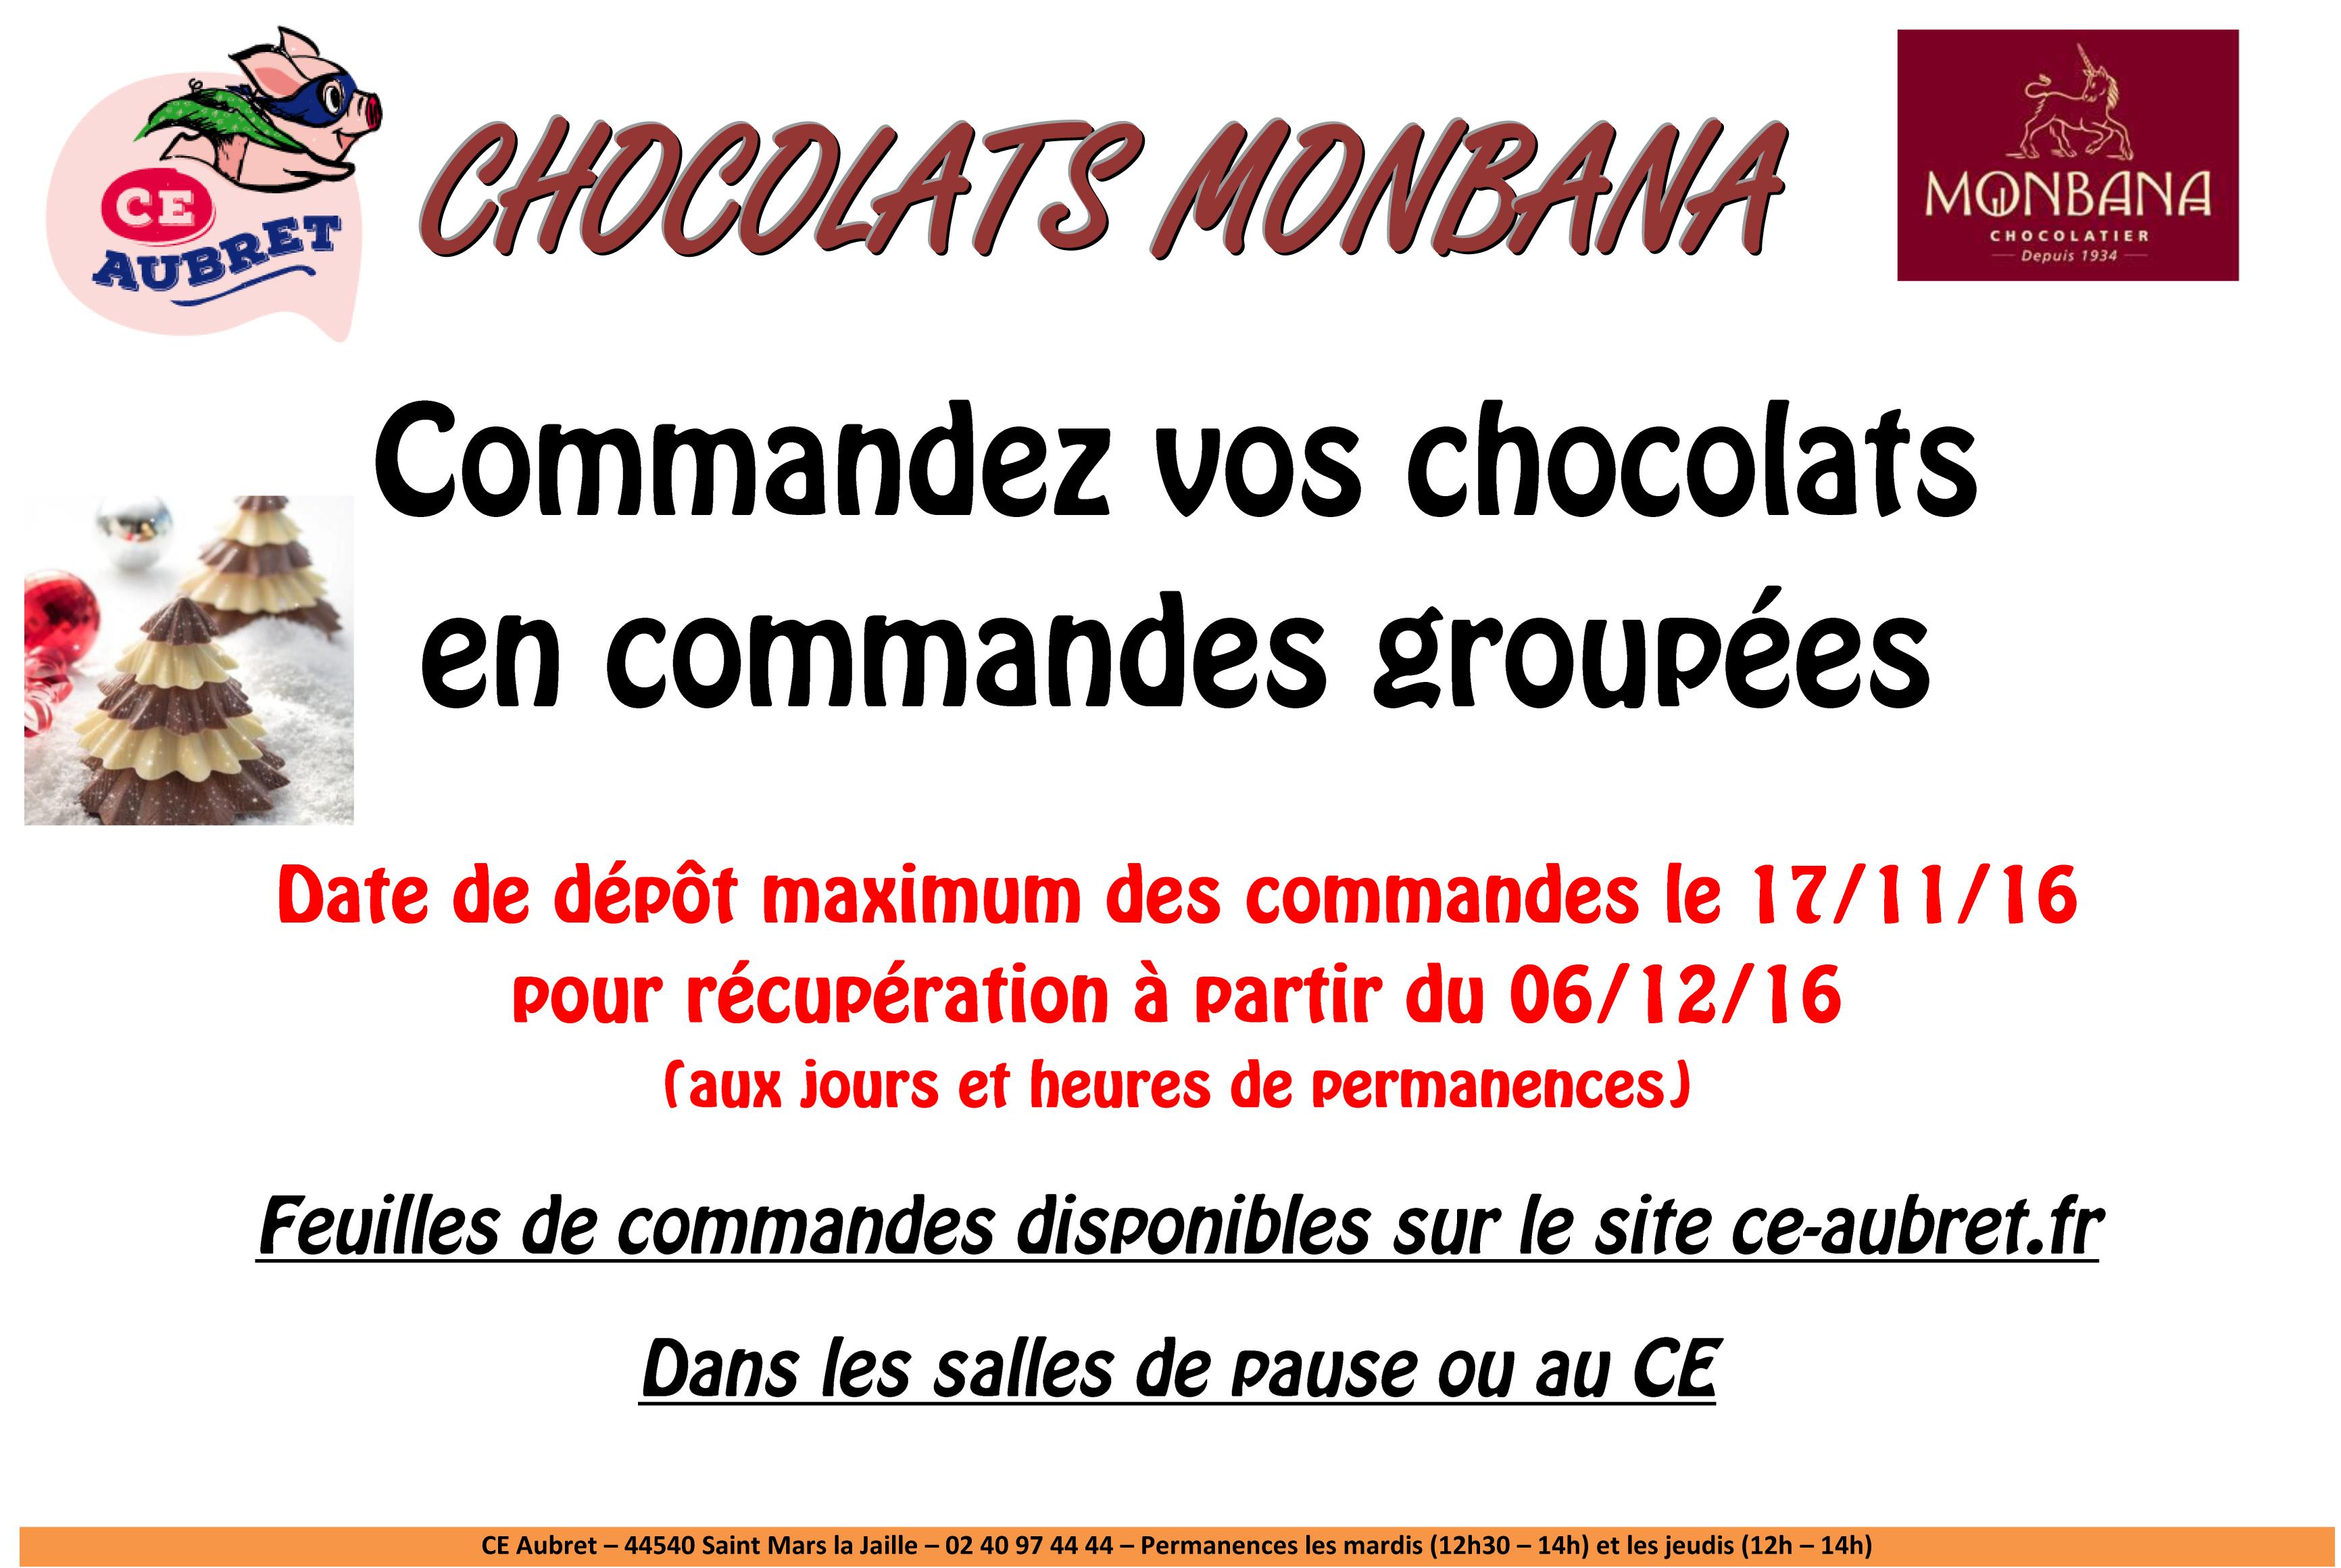 chocolats-monbana